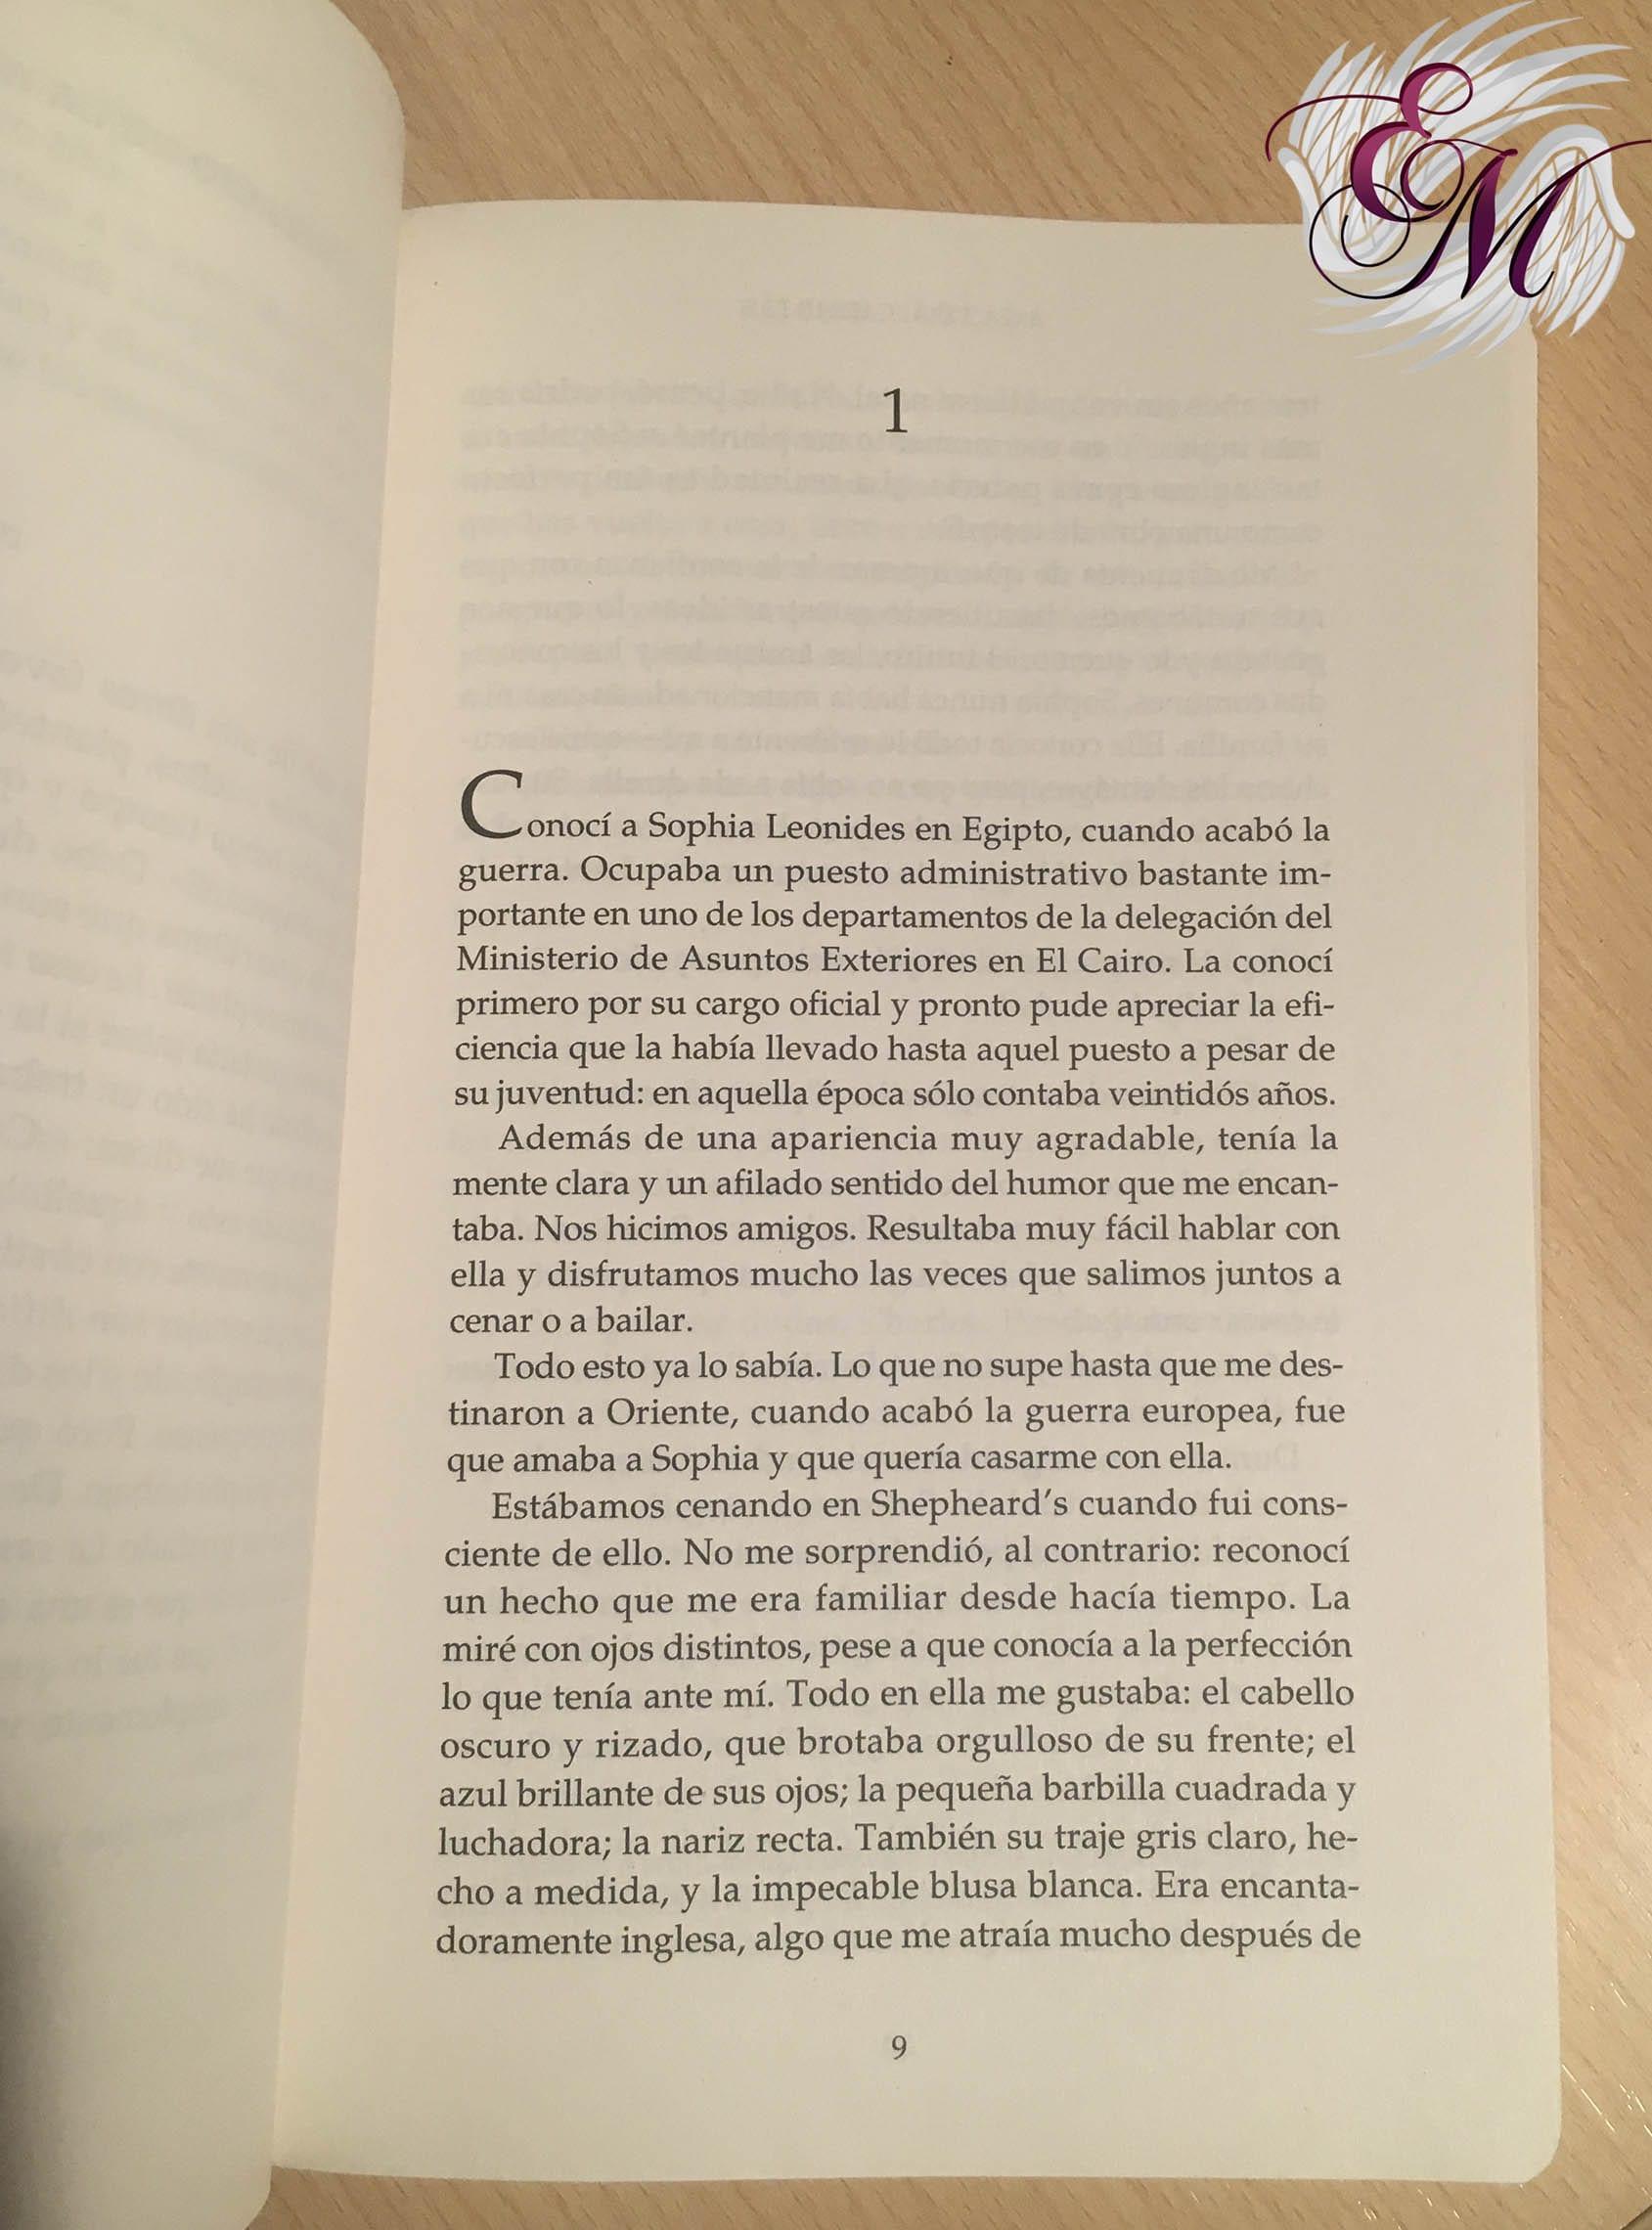 La casa torcida, de Agatha Christie - Reseña